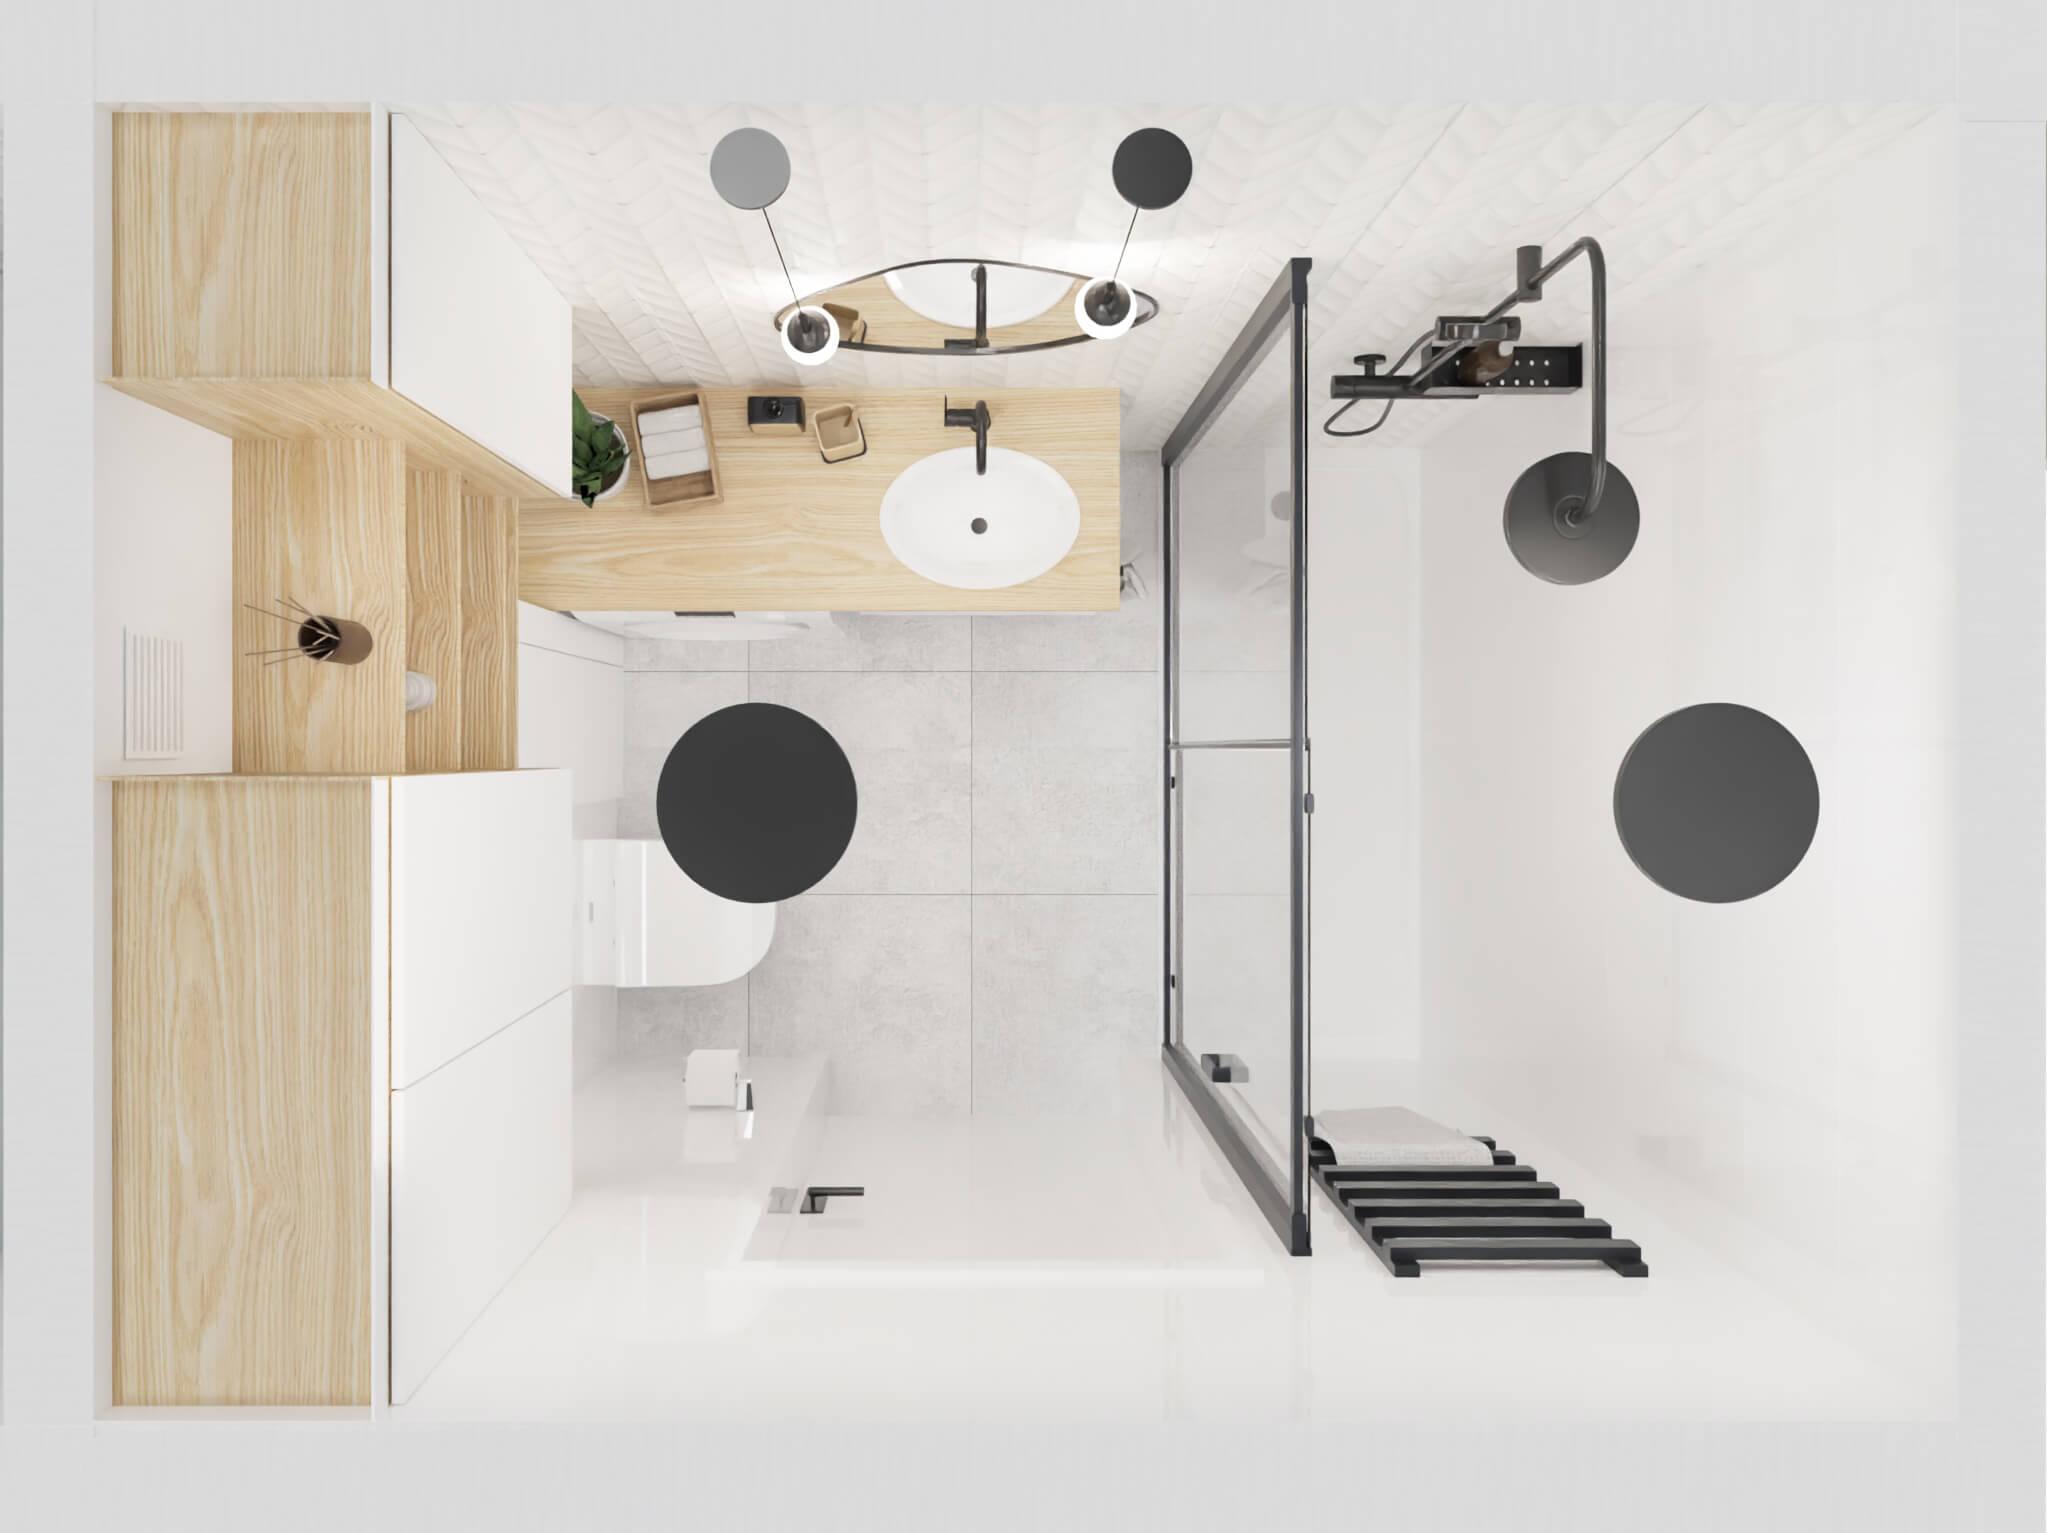 projekt wnętrza mieszkania na wynajem - rzut łazienki